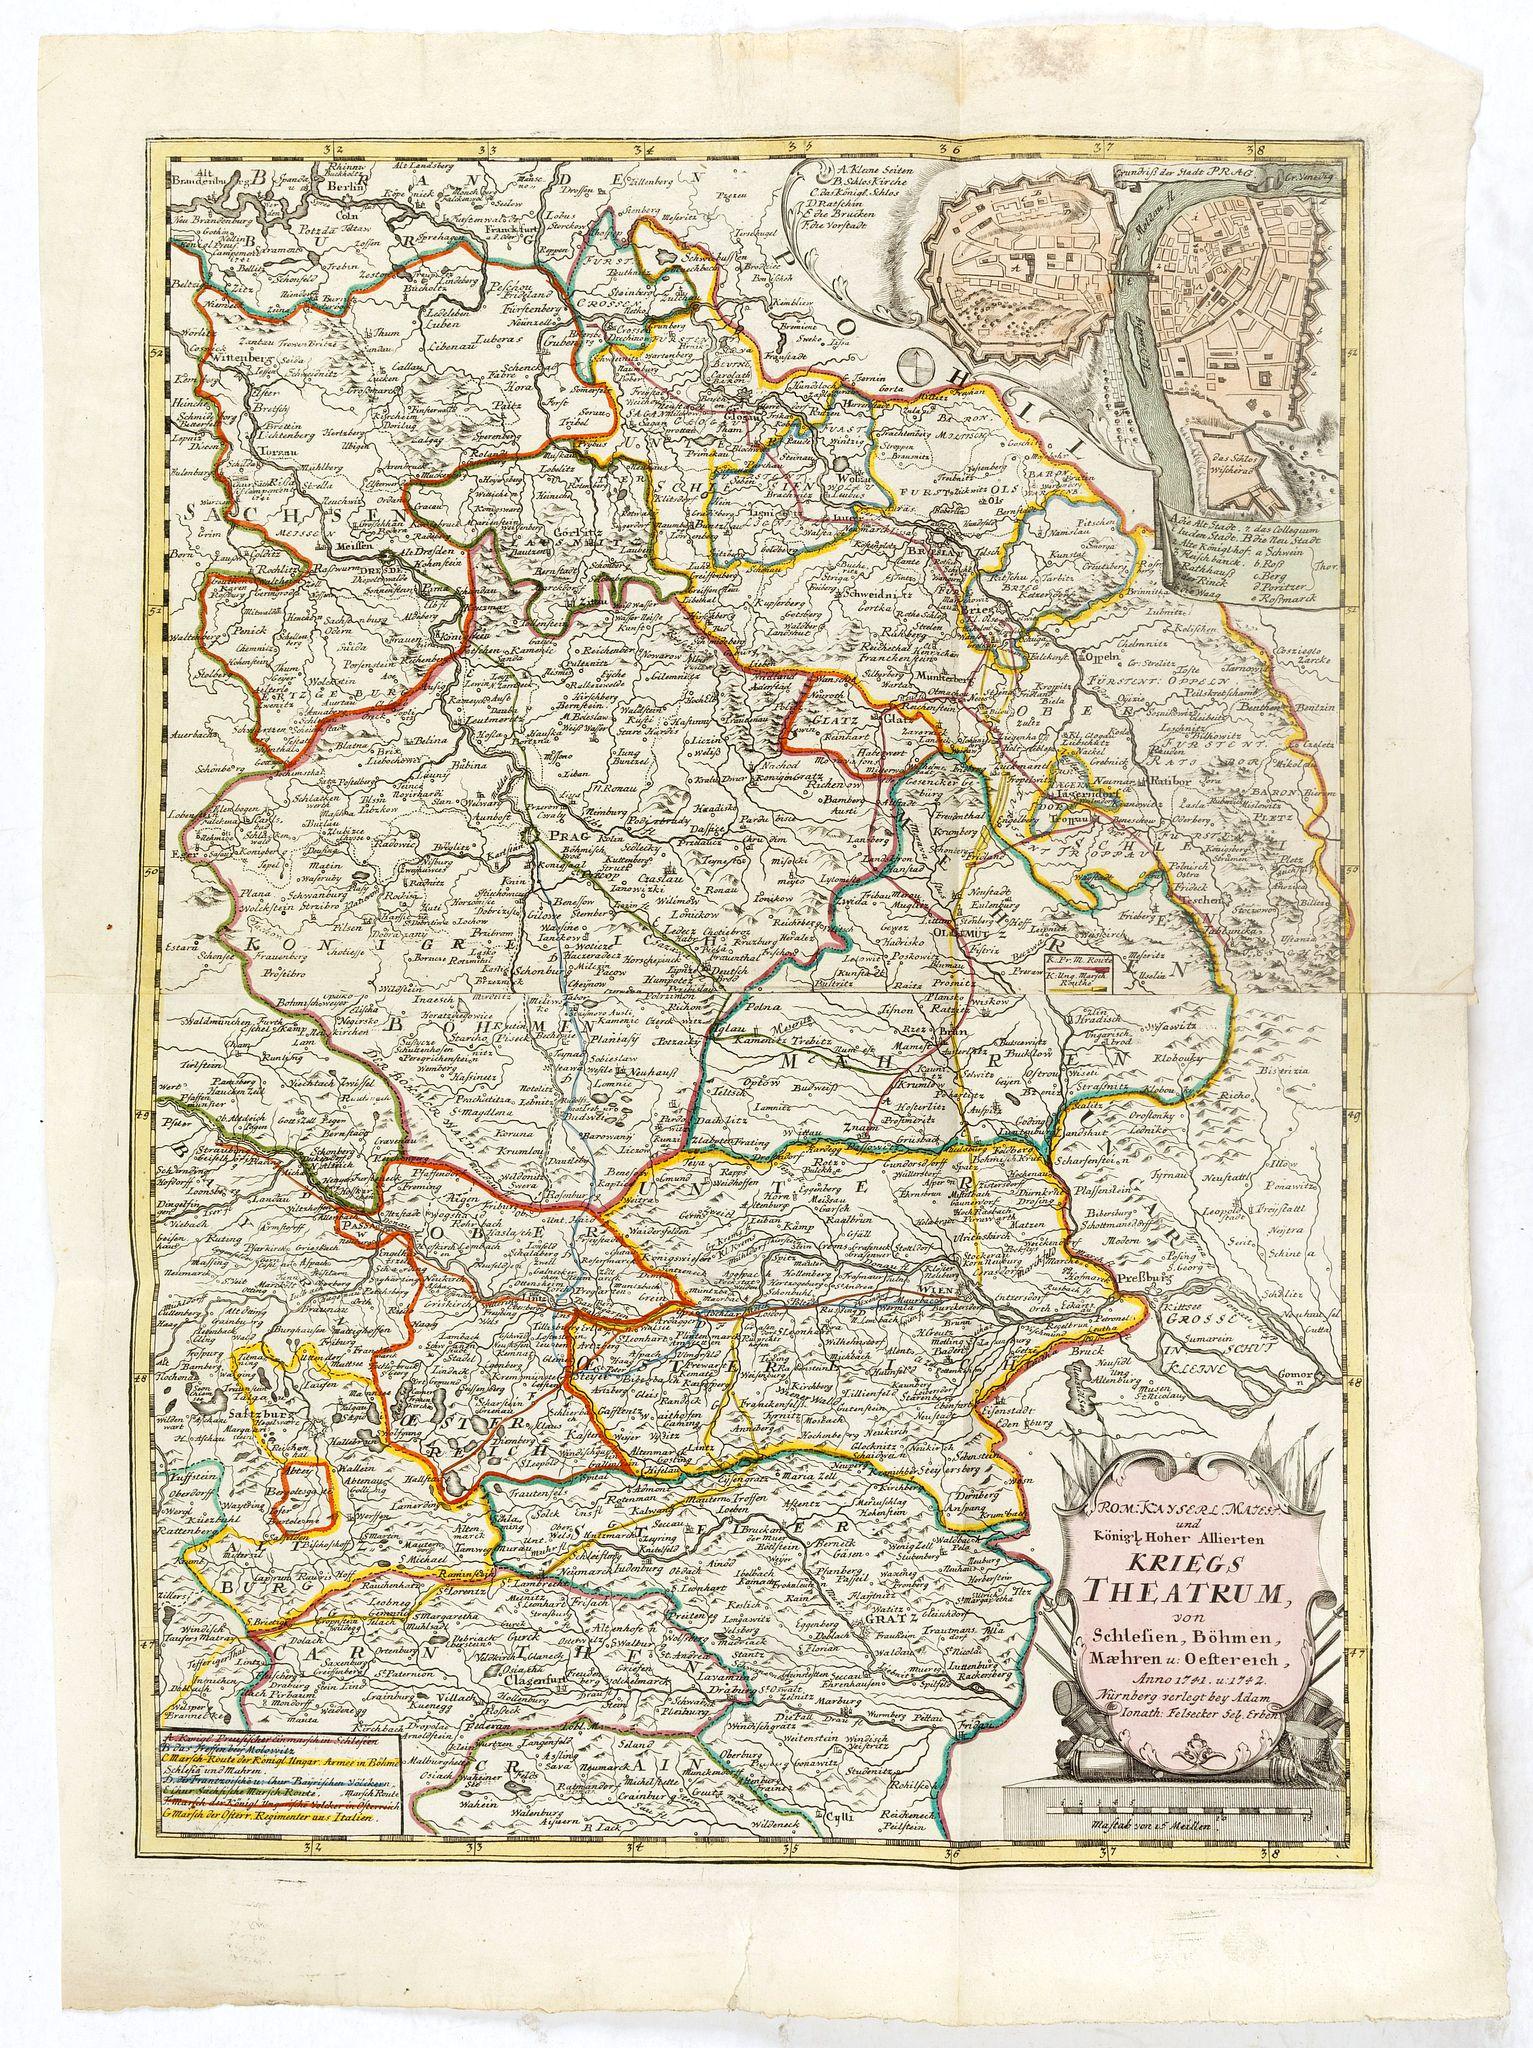 FELSECKER, J. -  Rom: Keyserl. Majest. Königl Hoher Allierten Kriegs Theatrum von Schlesien, Böhmen, Maehren u: Oestereich. . .